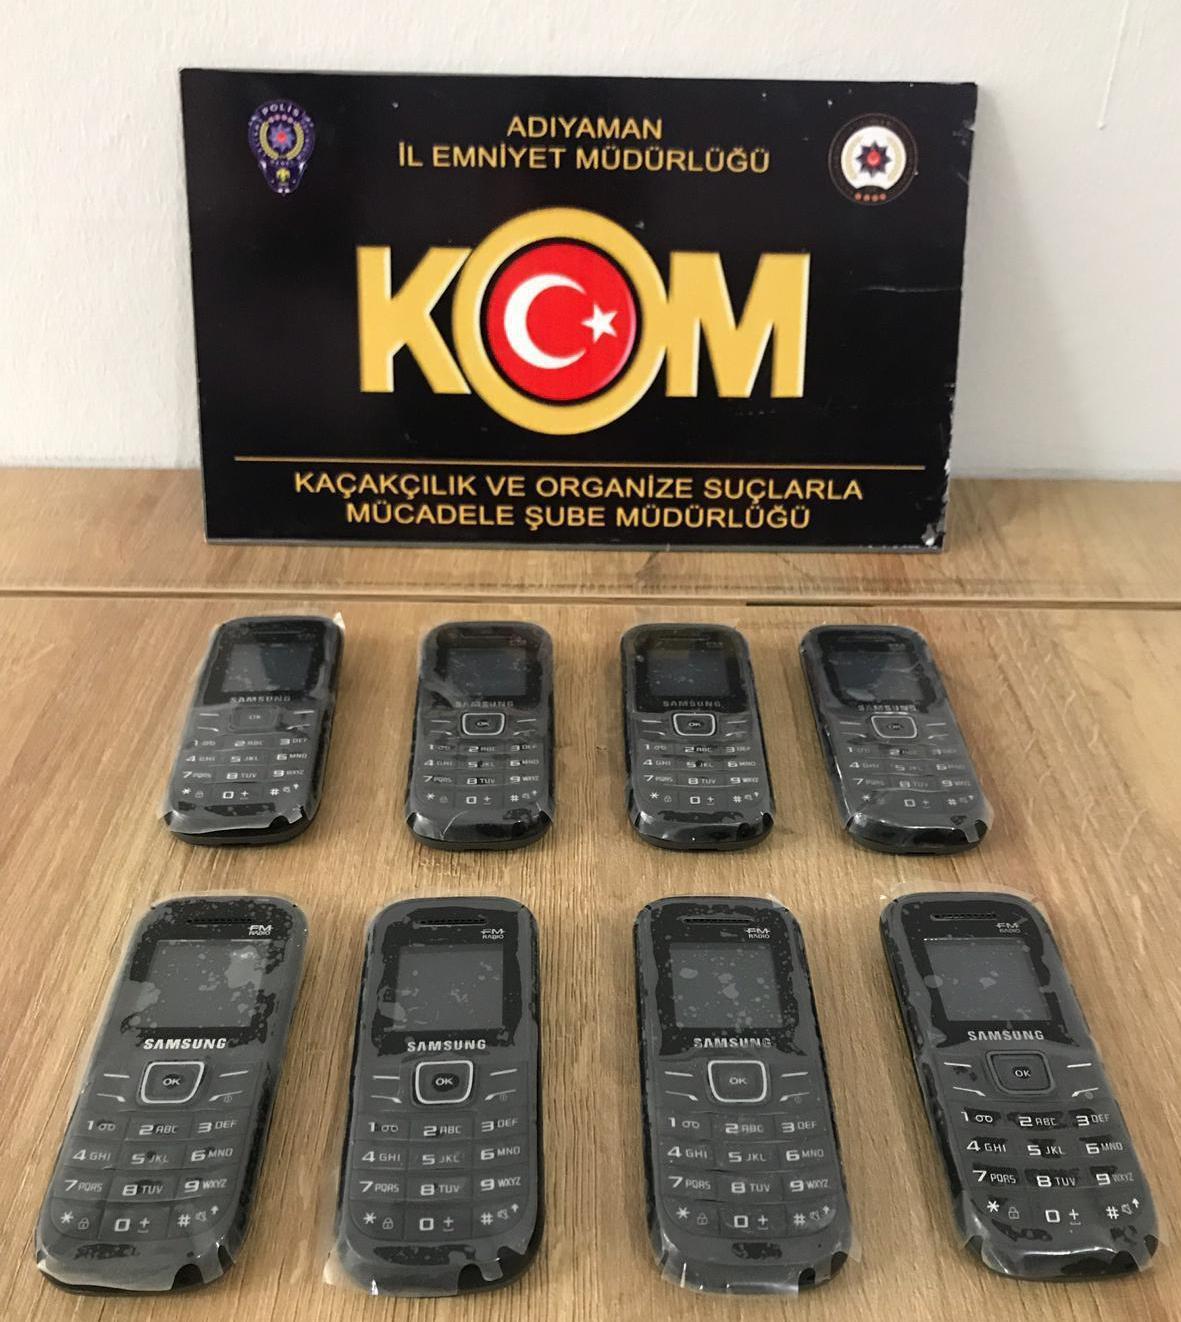 Adıyaman'da kaçak cep telefonu operasyonu